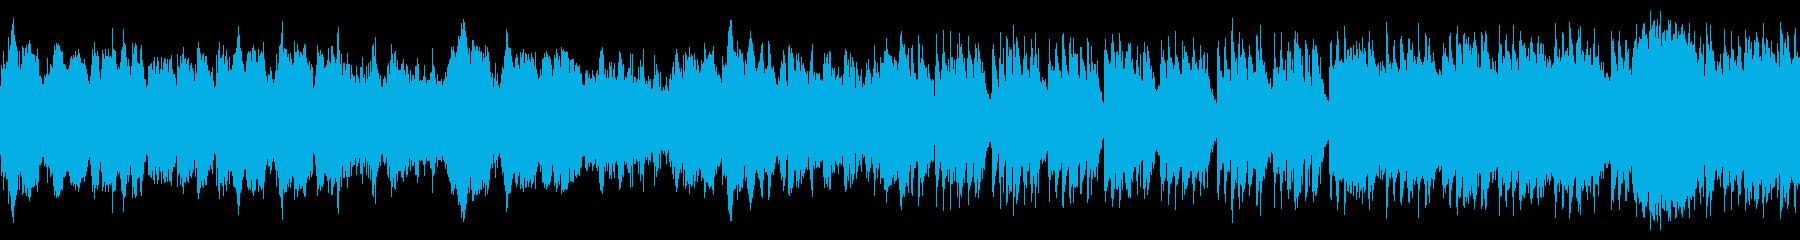 壮大なオーケストラ 決戦前夜 ループの再生済みの波形